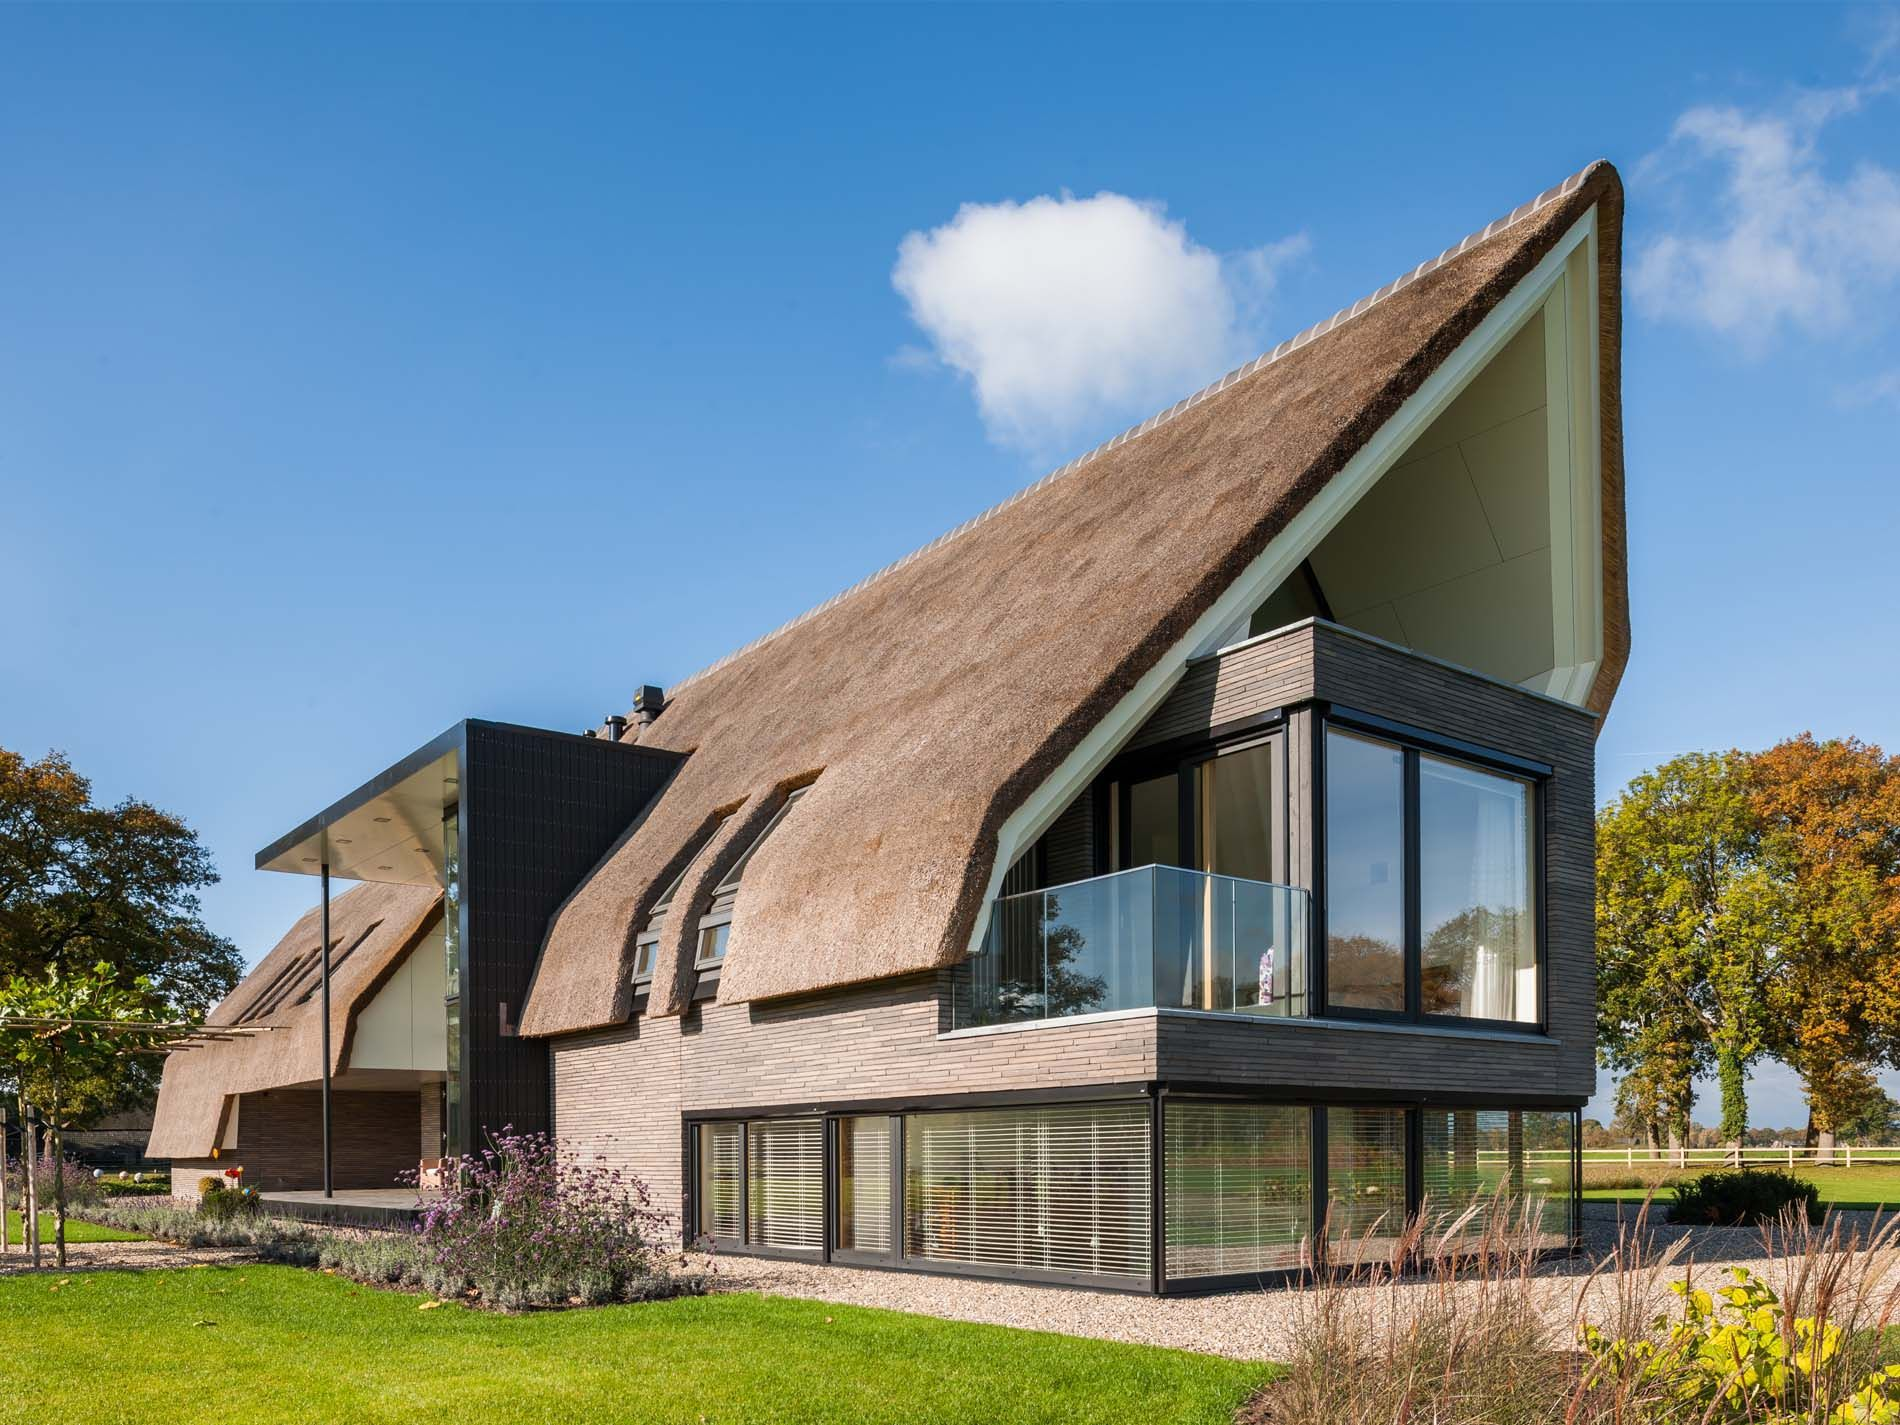 Maas architecten woonhuis laren schuurwoningen for Hedendaagse architecten